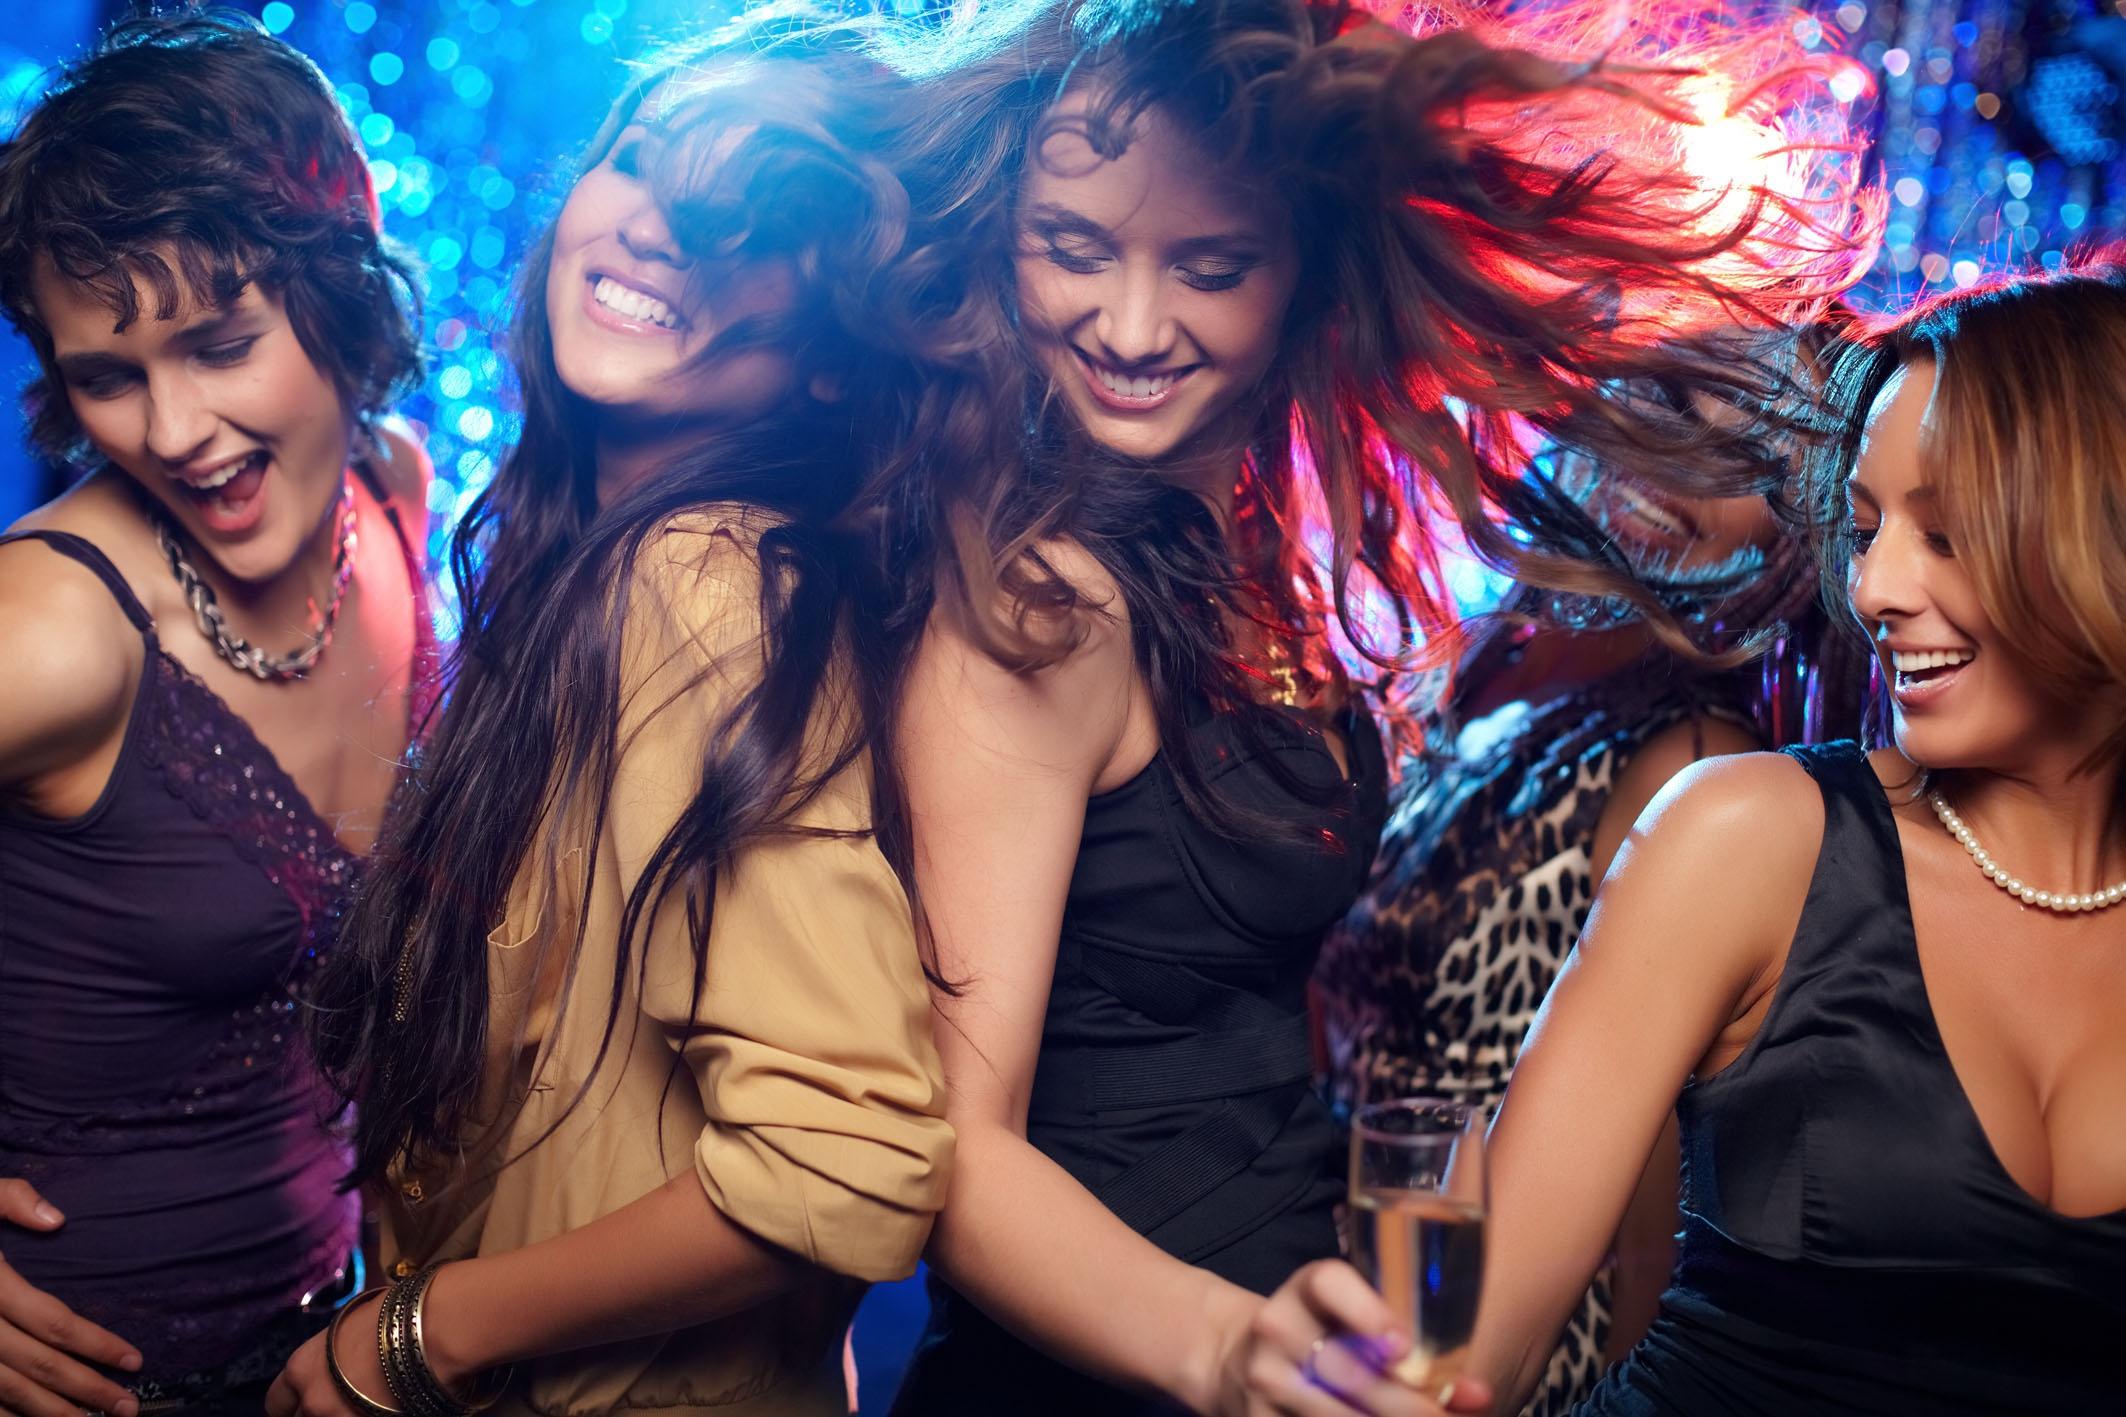 BEWEZEN: Dit is de meest sexy dansbeweging voor vrouwen